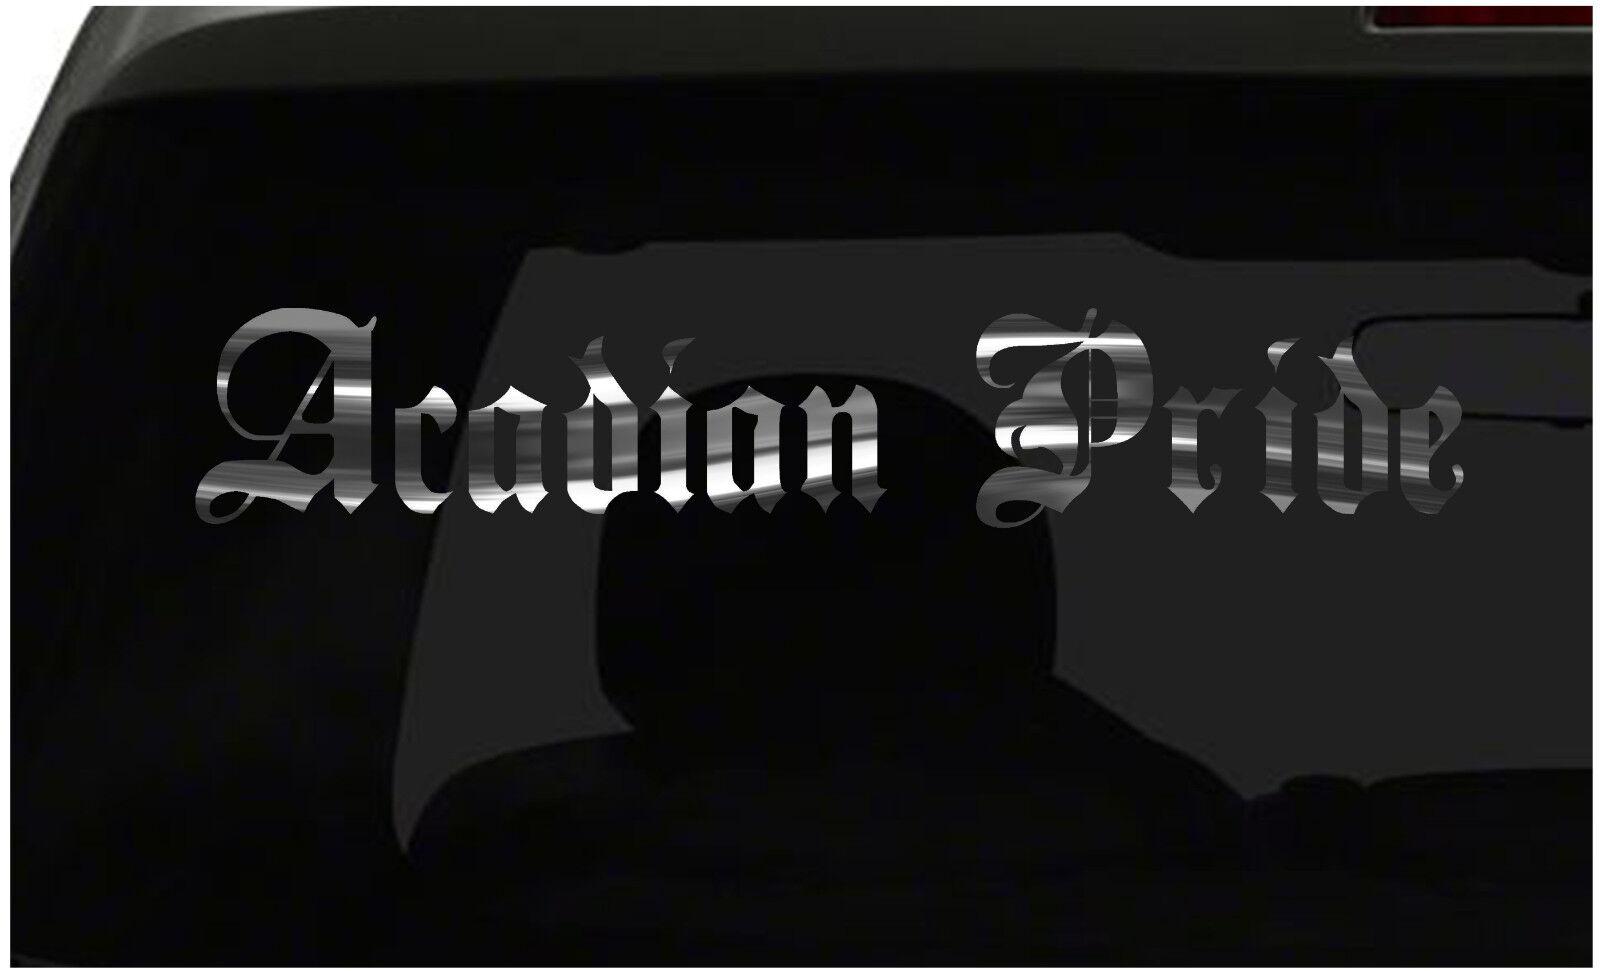 Acadian orgullo calcomanía país orgullo pegatina de vinilo Todos Los Tamaños Y Colors ¡ Envío Rápido